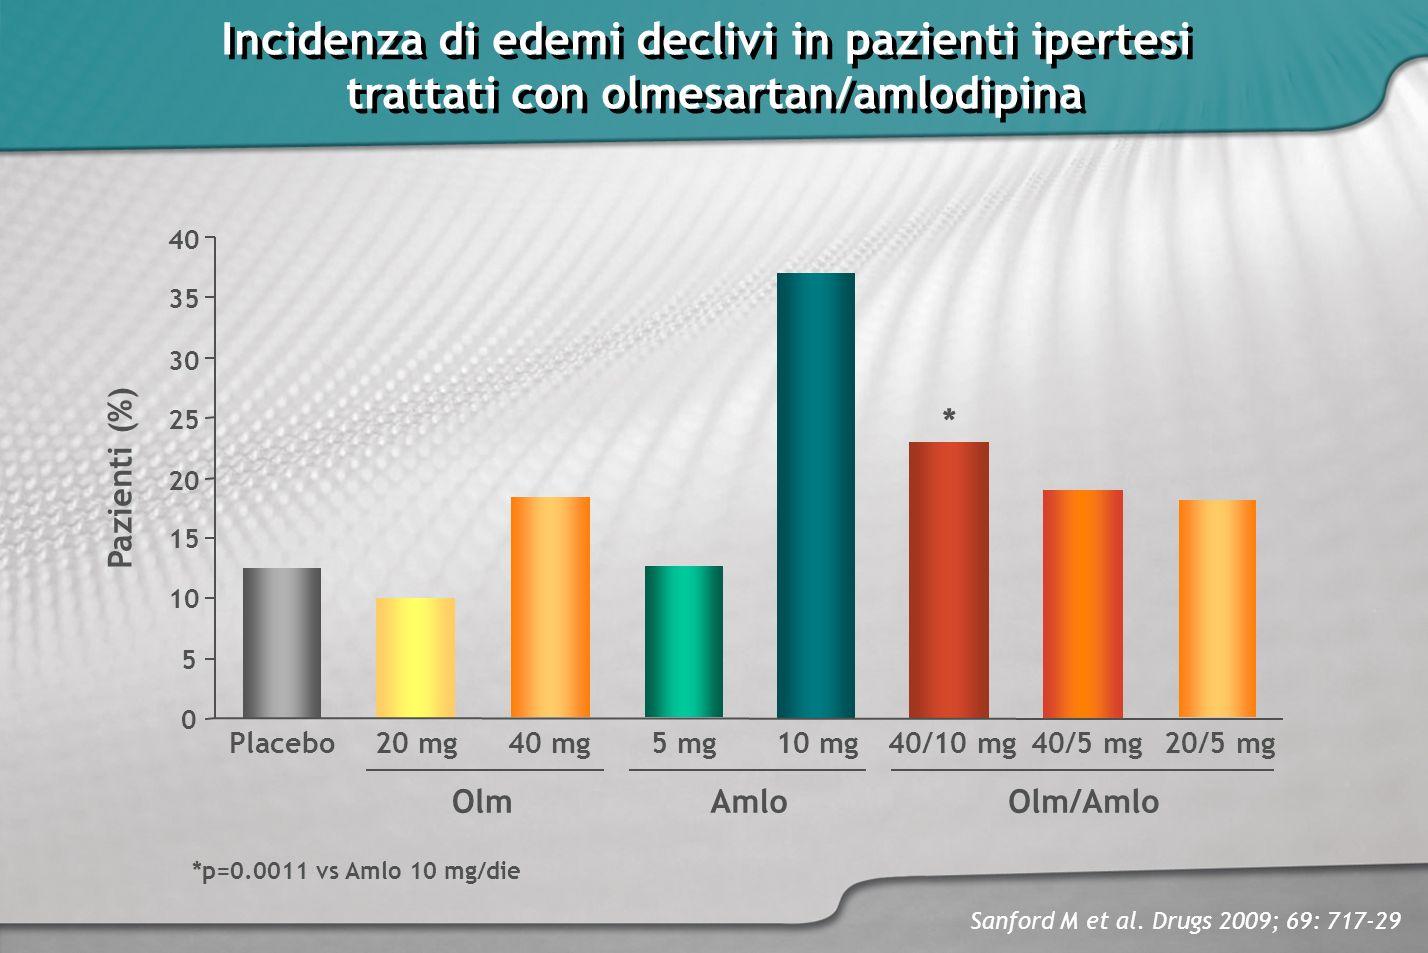 Incidenza di edemi declivi in pazienti ipertesi